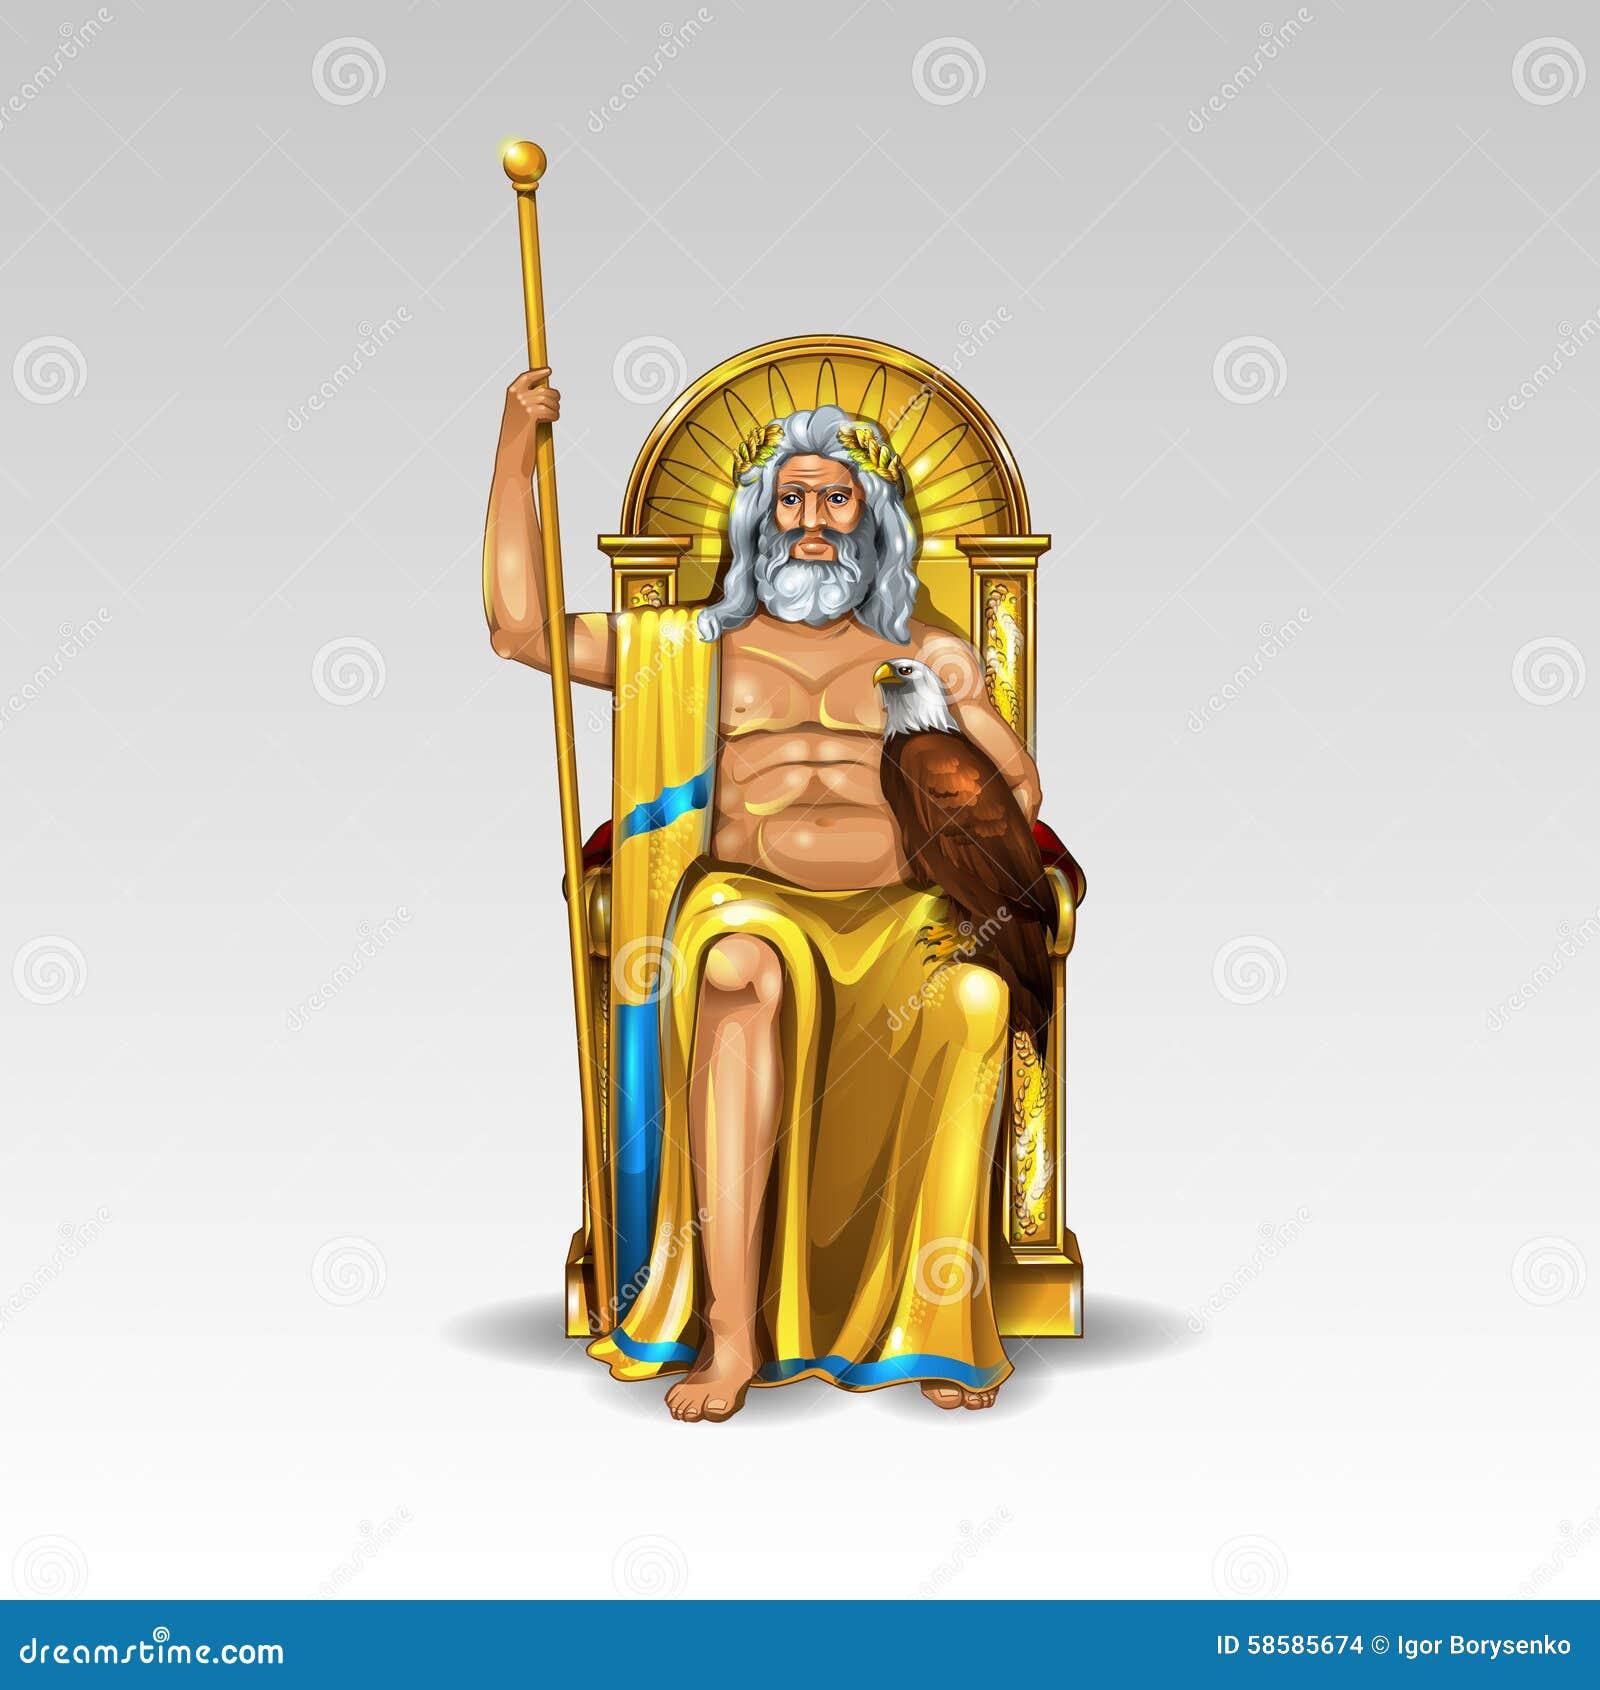 7 статуя зевса в олимпии